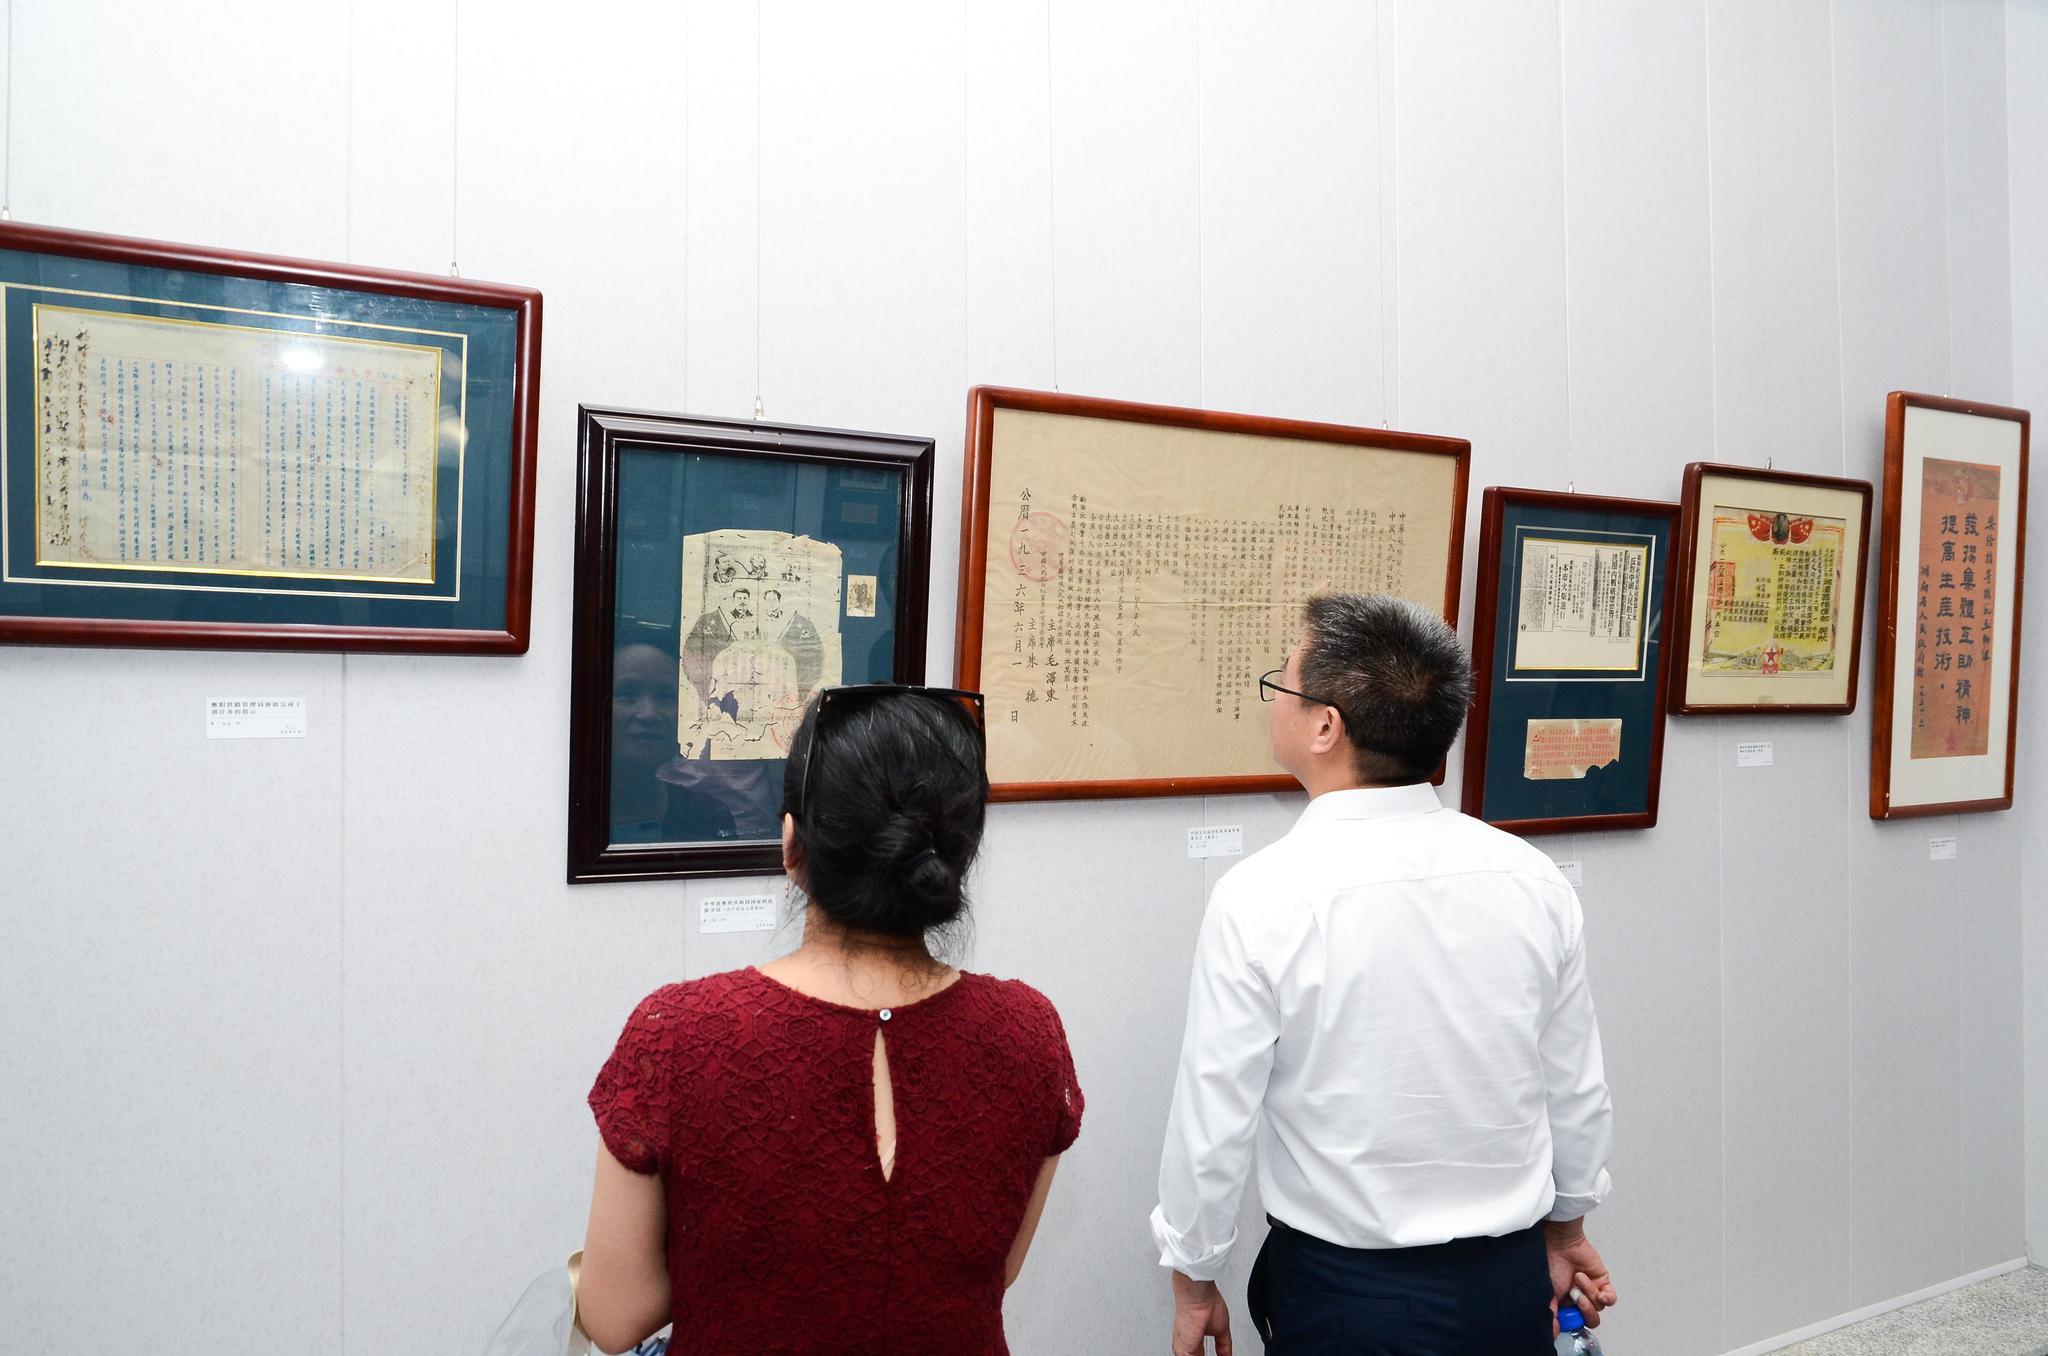 雨花雅藏艺术馆展出《青年杂志》